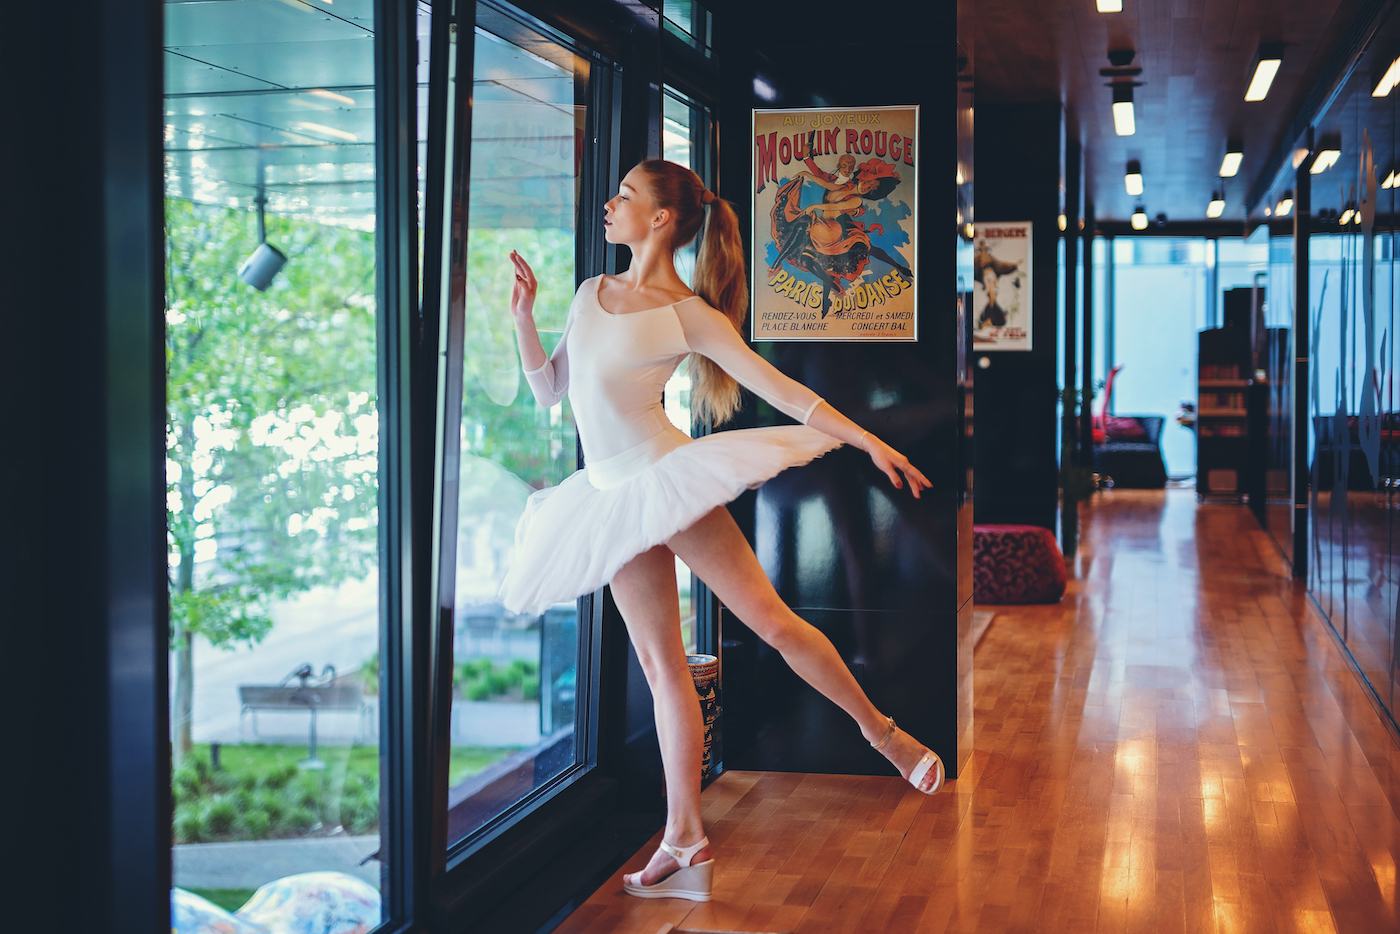 Co nosí baletky, když jsou bez špiček?